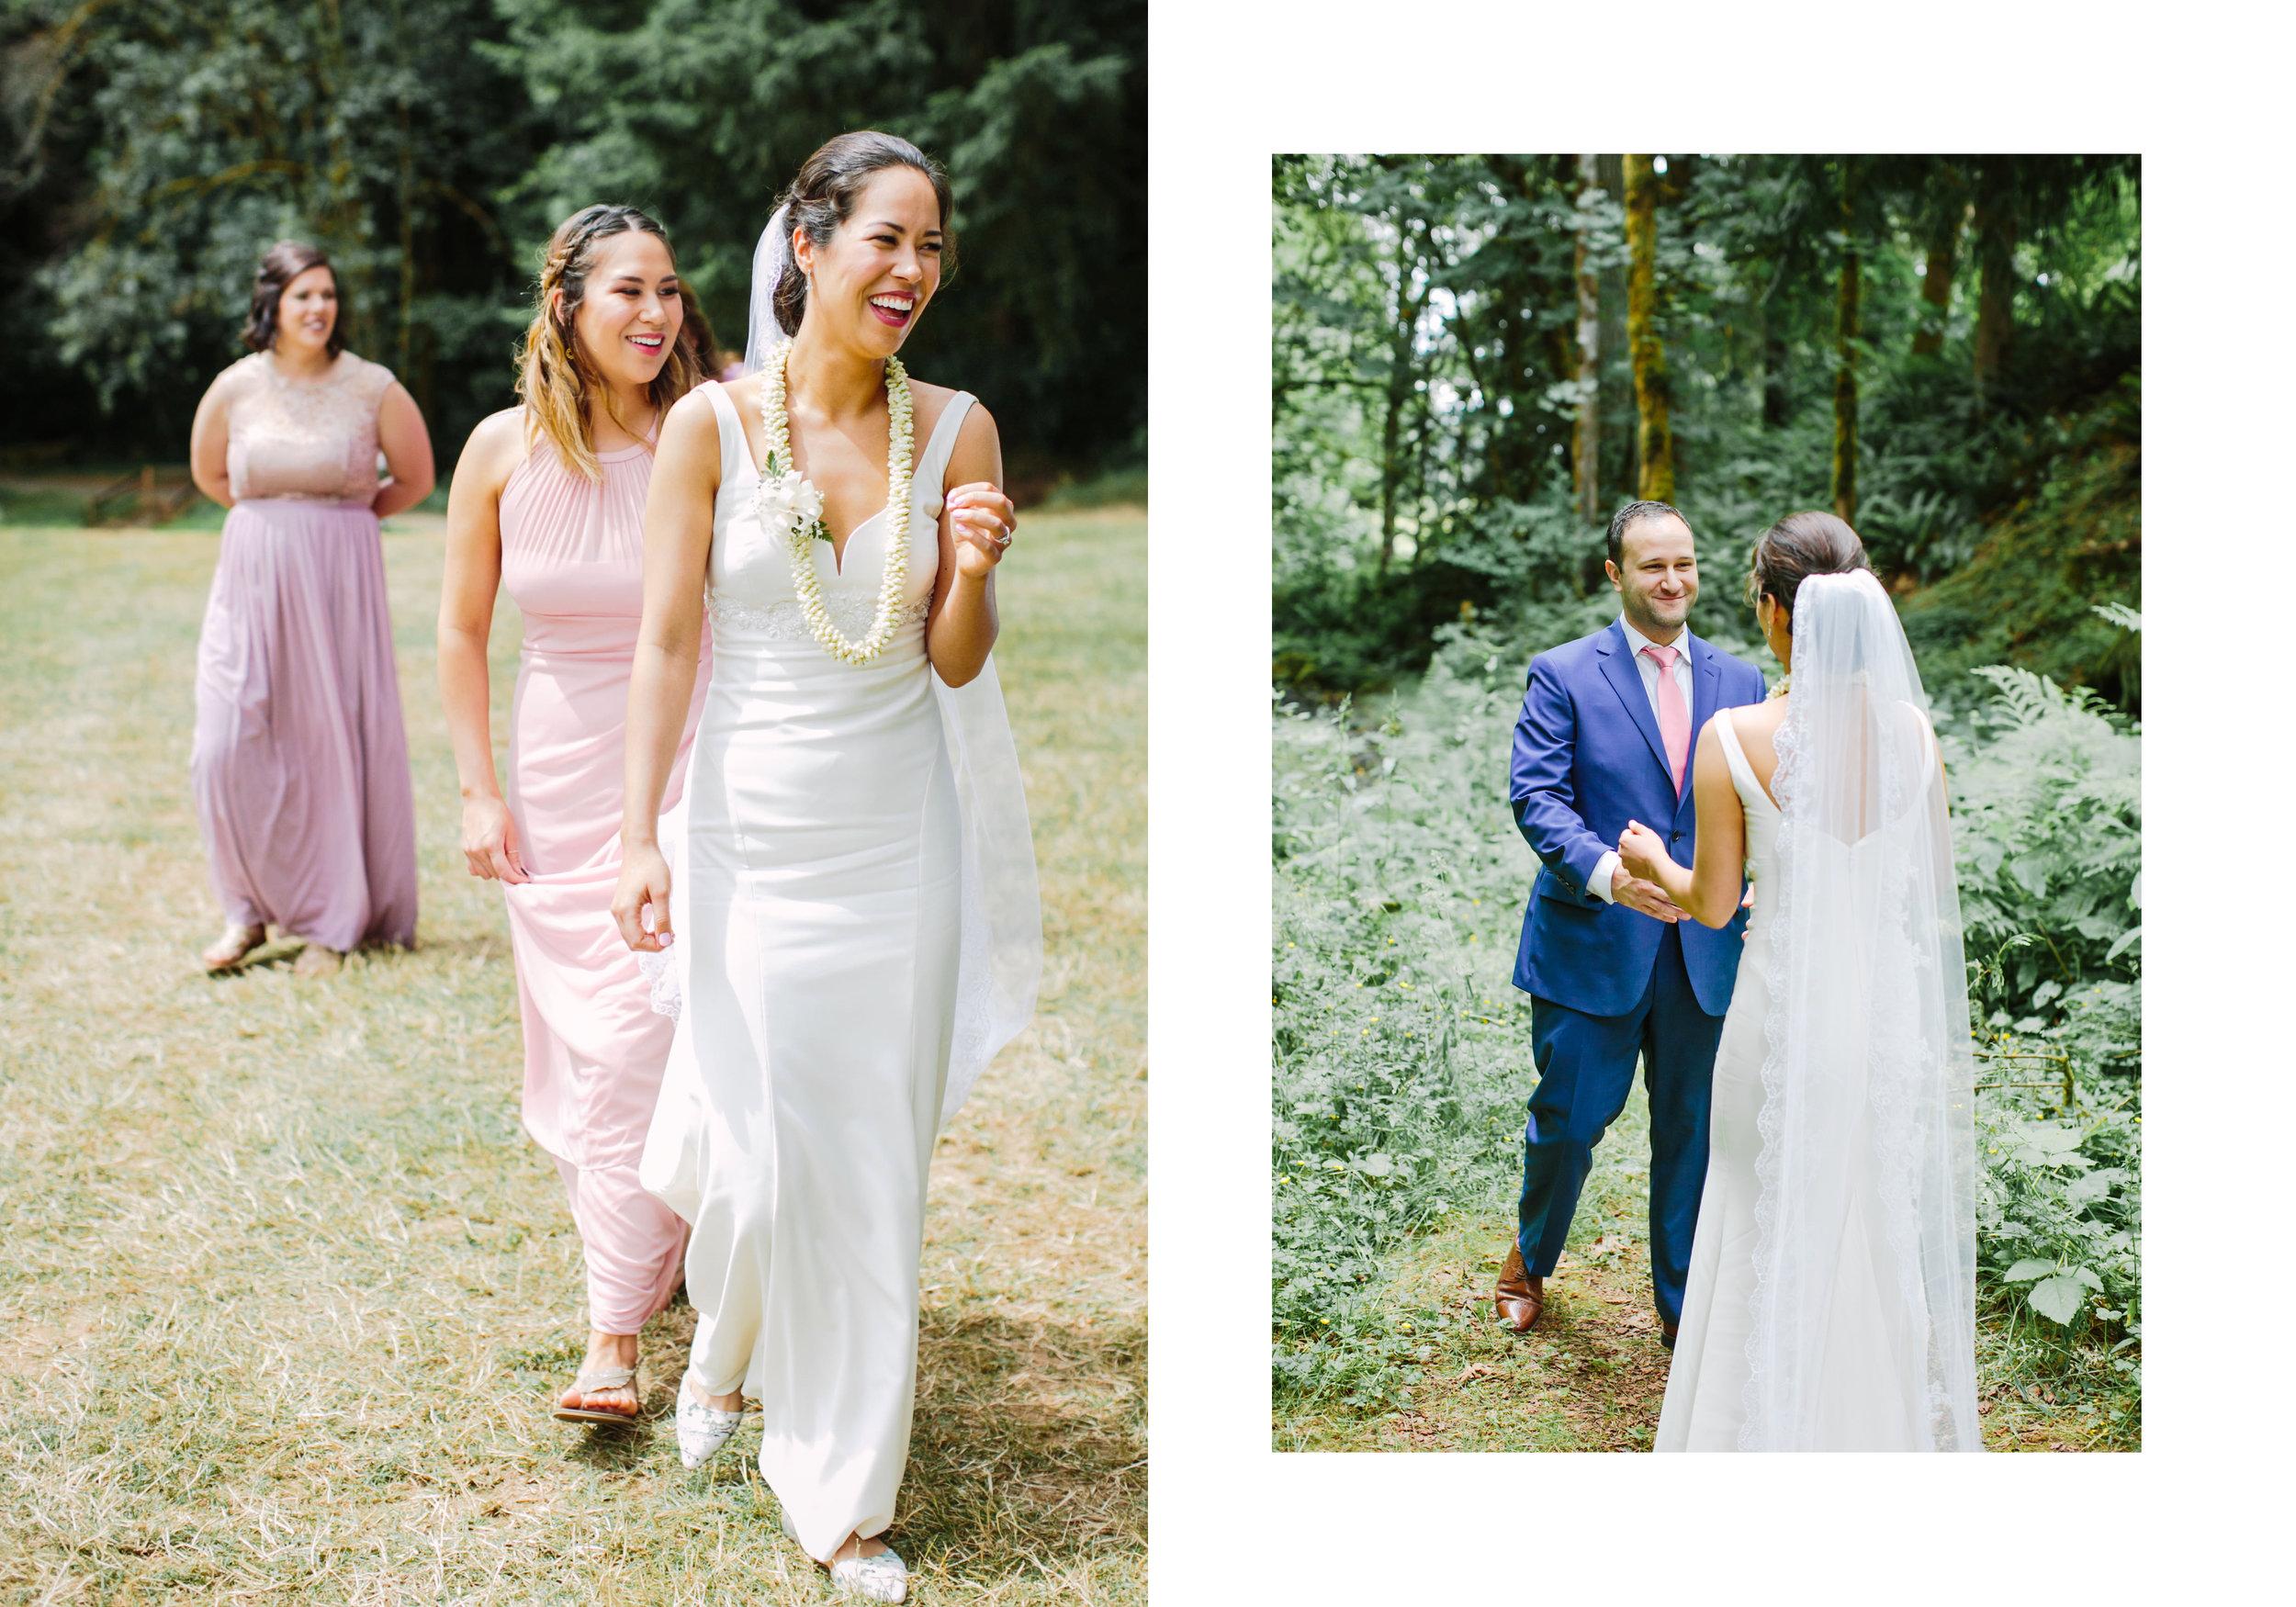 horningshideout-wedding-portland-oregon-ashley-courter-photographer0028.JPG